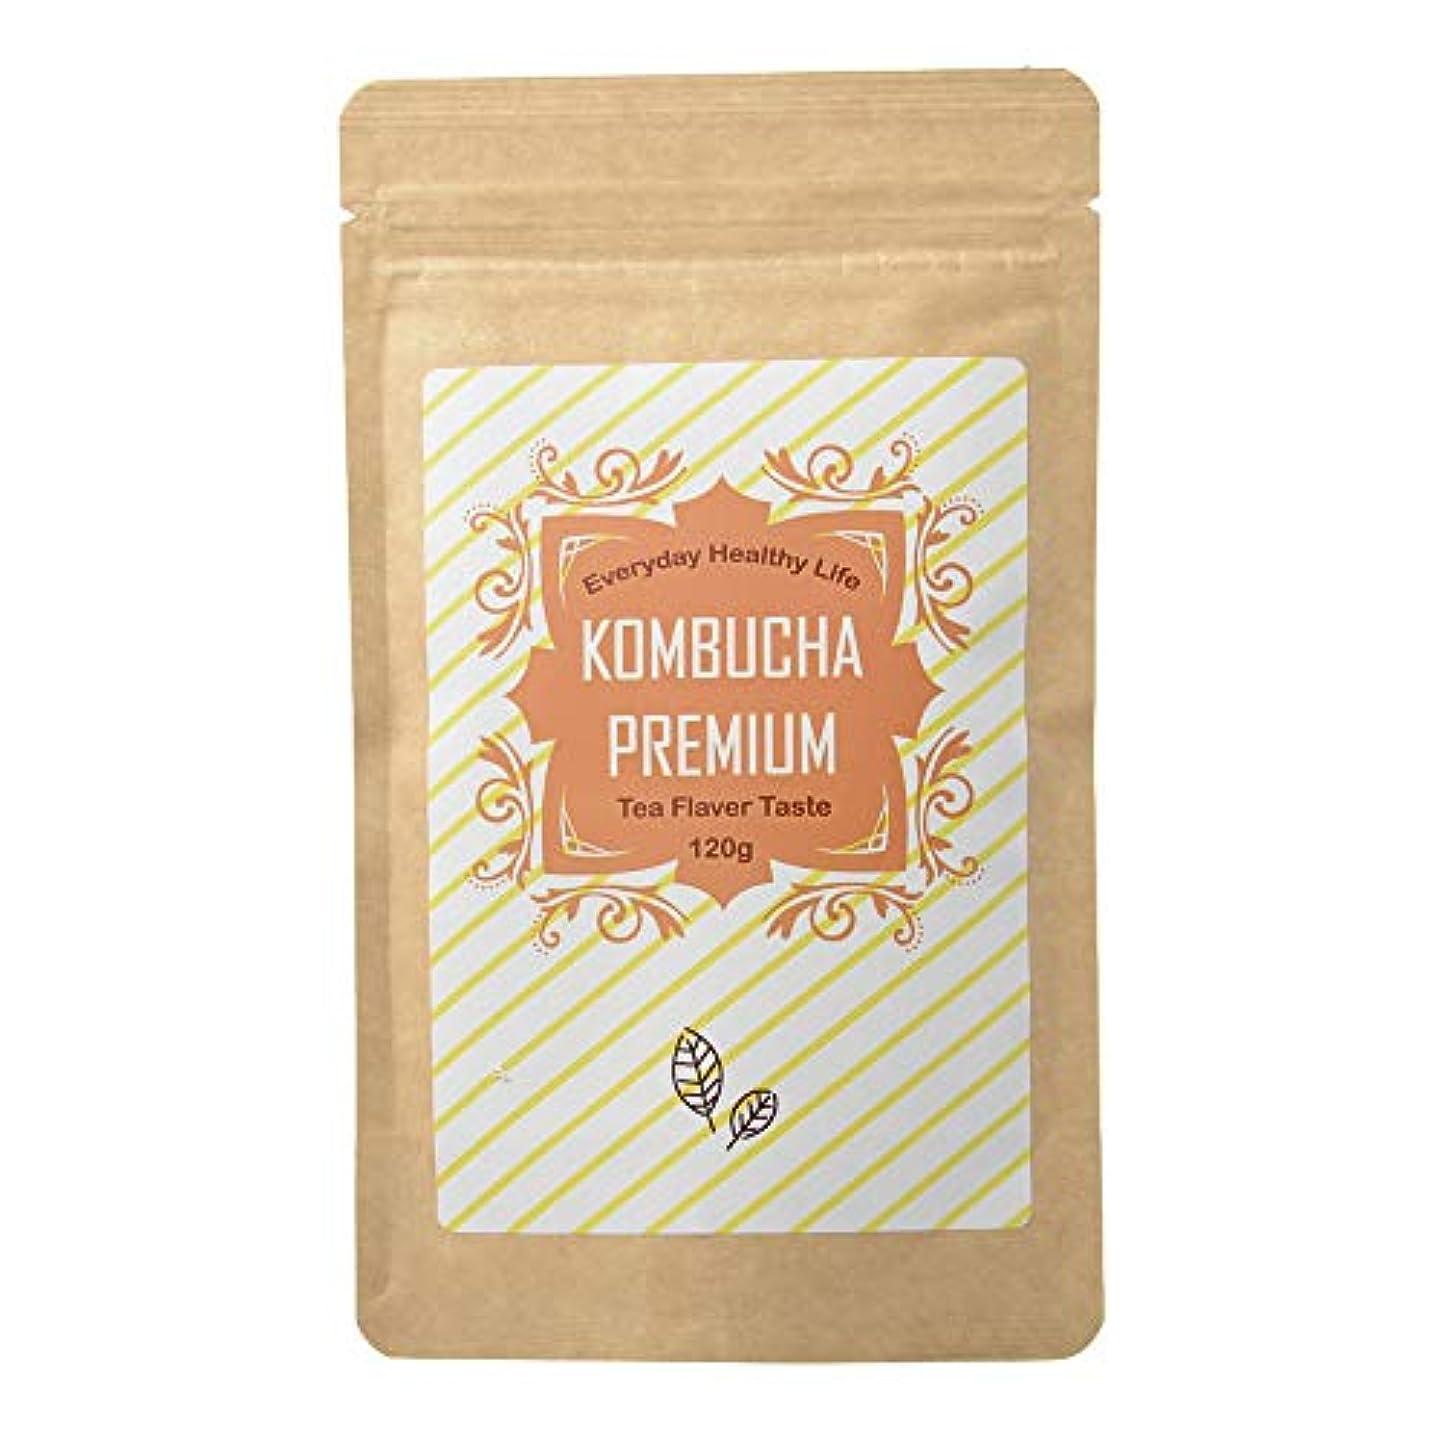 過度に起きる天使コンブチャプレミアム (KOMBUCHA PREMIUM) ストレートティー味 日本製 粉末 飲料 [内容量120g /説明書付き]